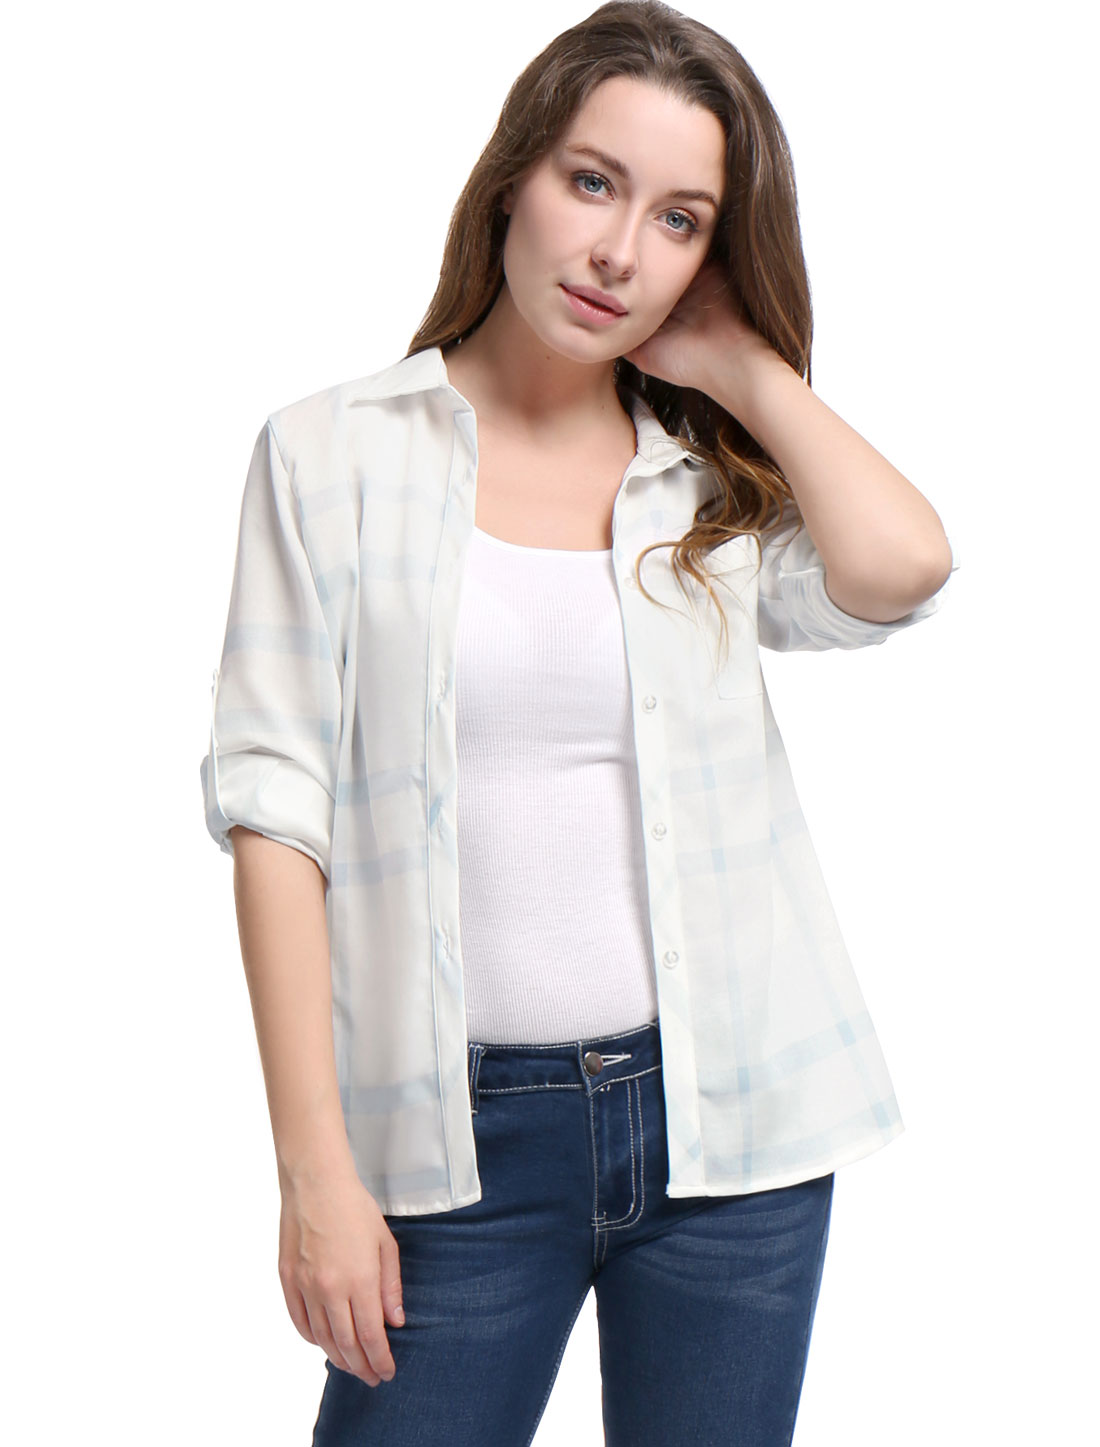 Women Roll Up Sleeves Buttoned Tunic Plaid Shirt Light Blue XL